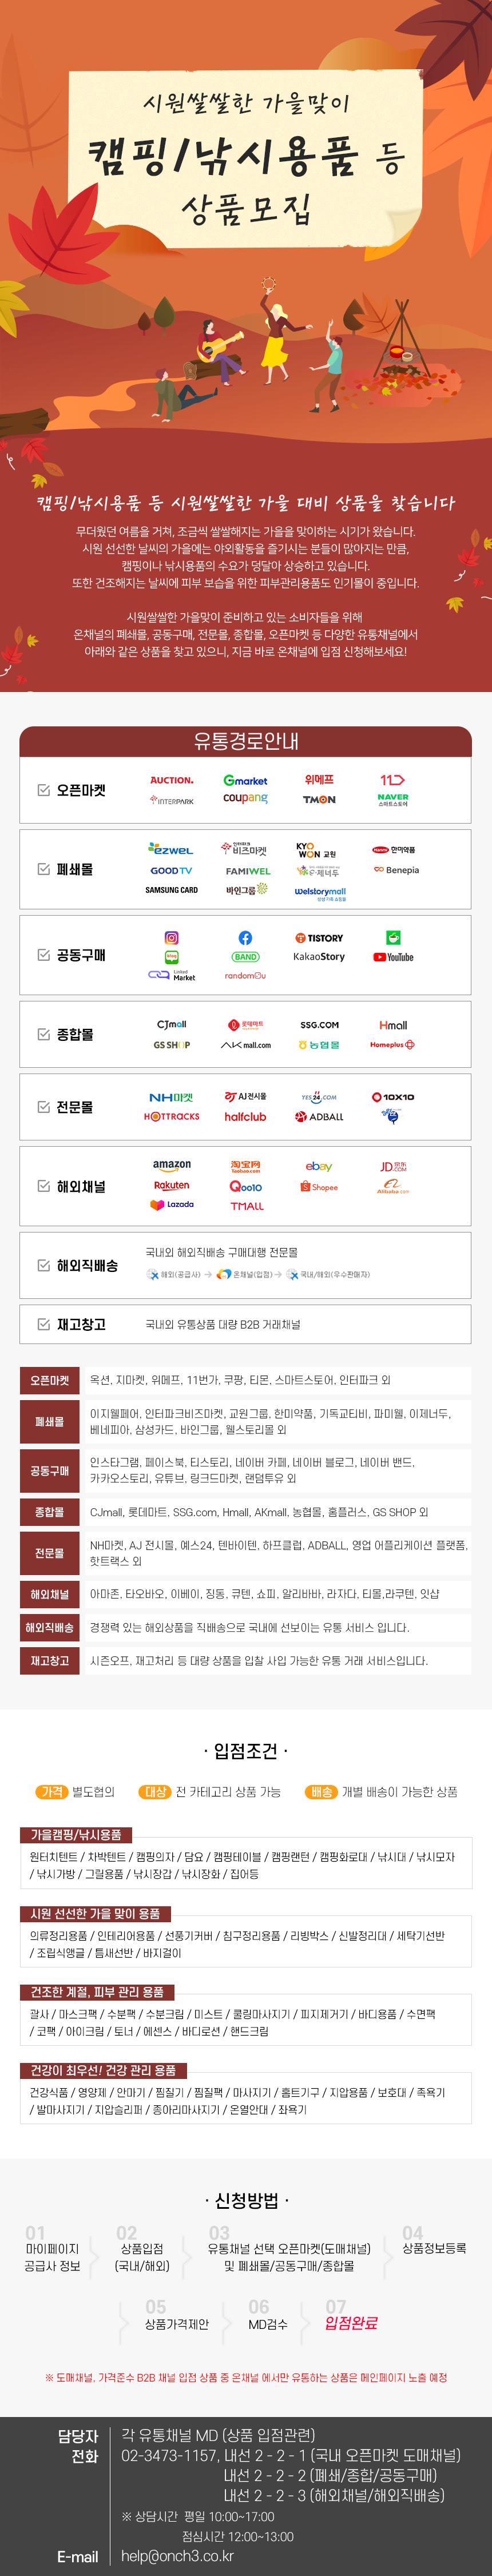 210819_9월_상품모집_수정.png